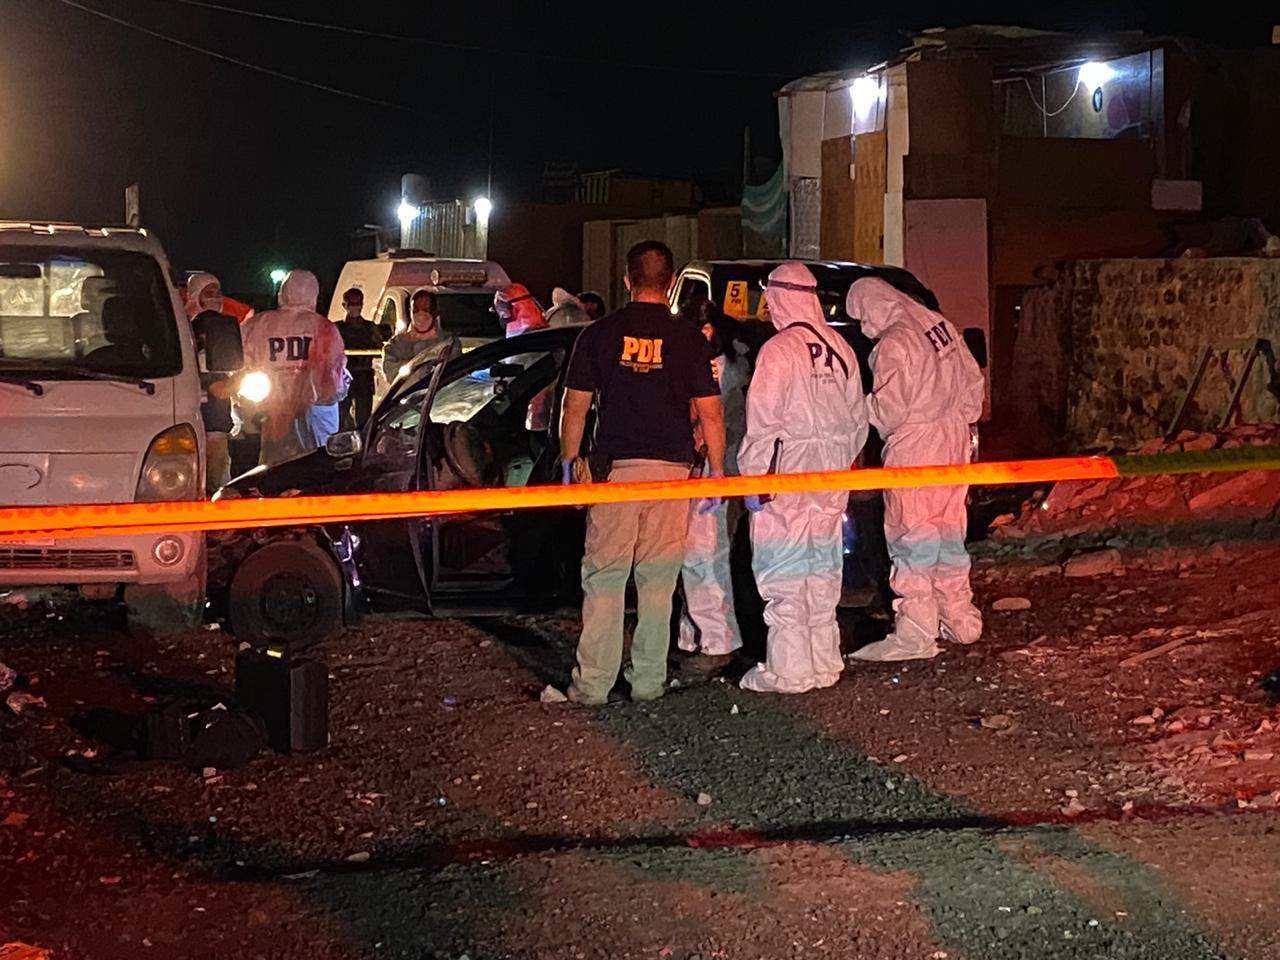 Noticias Chile | Asesinan con un disparo a repartidor de comida en el norte